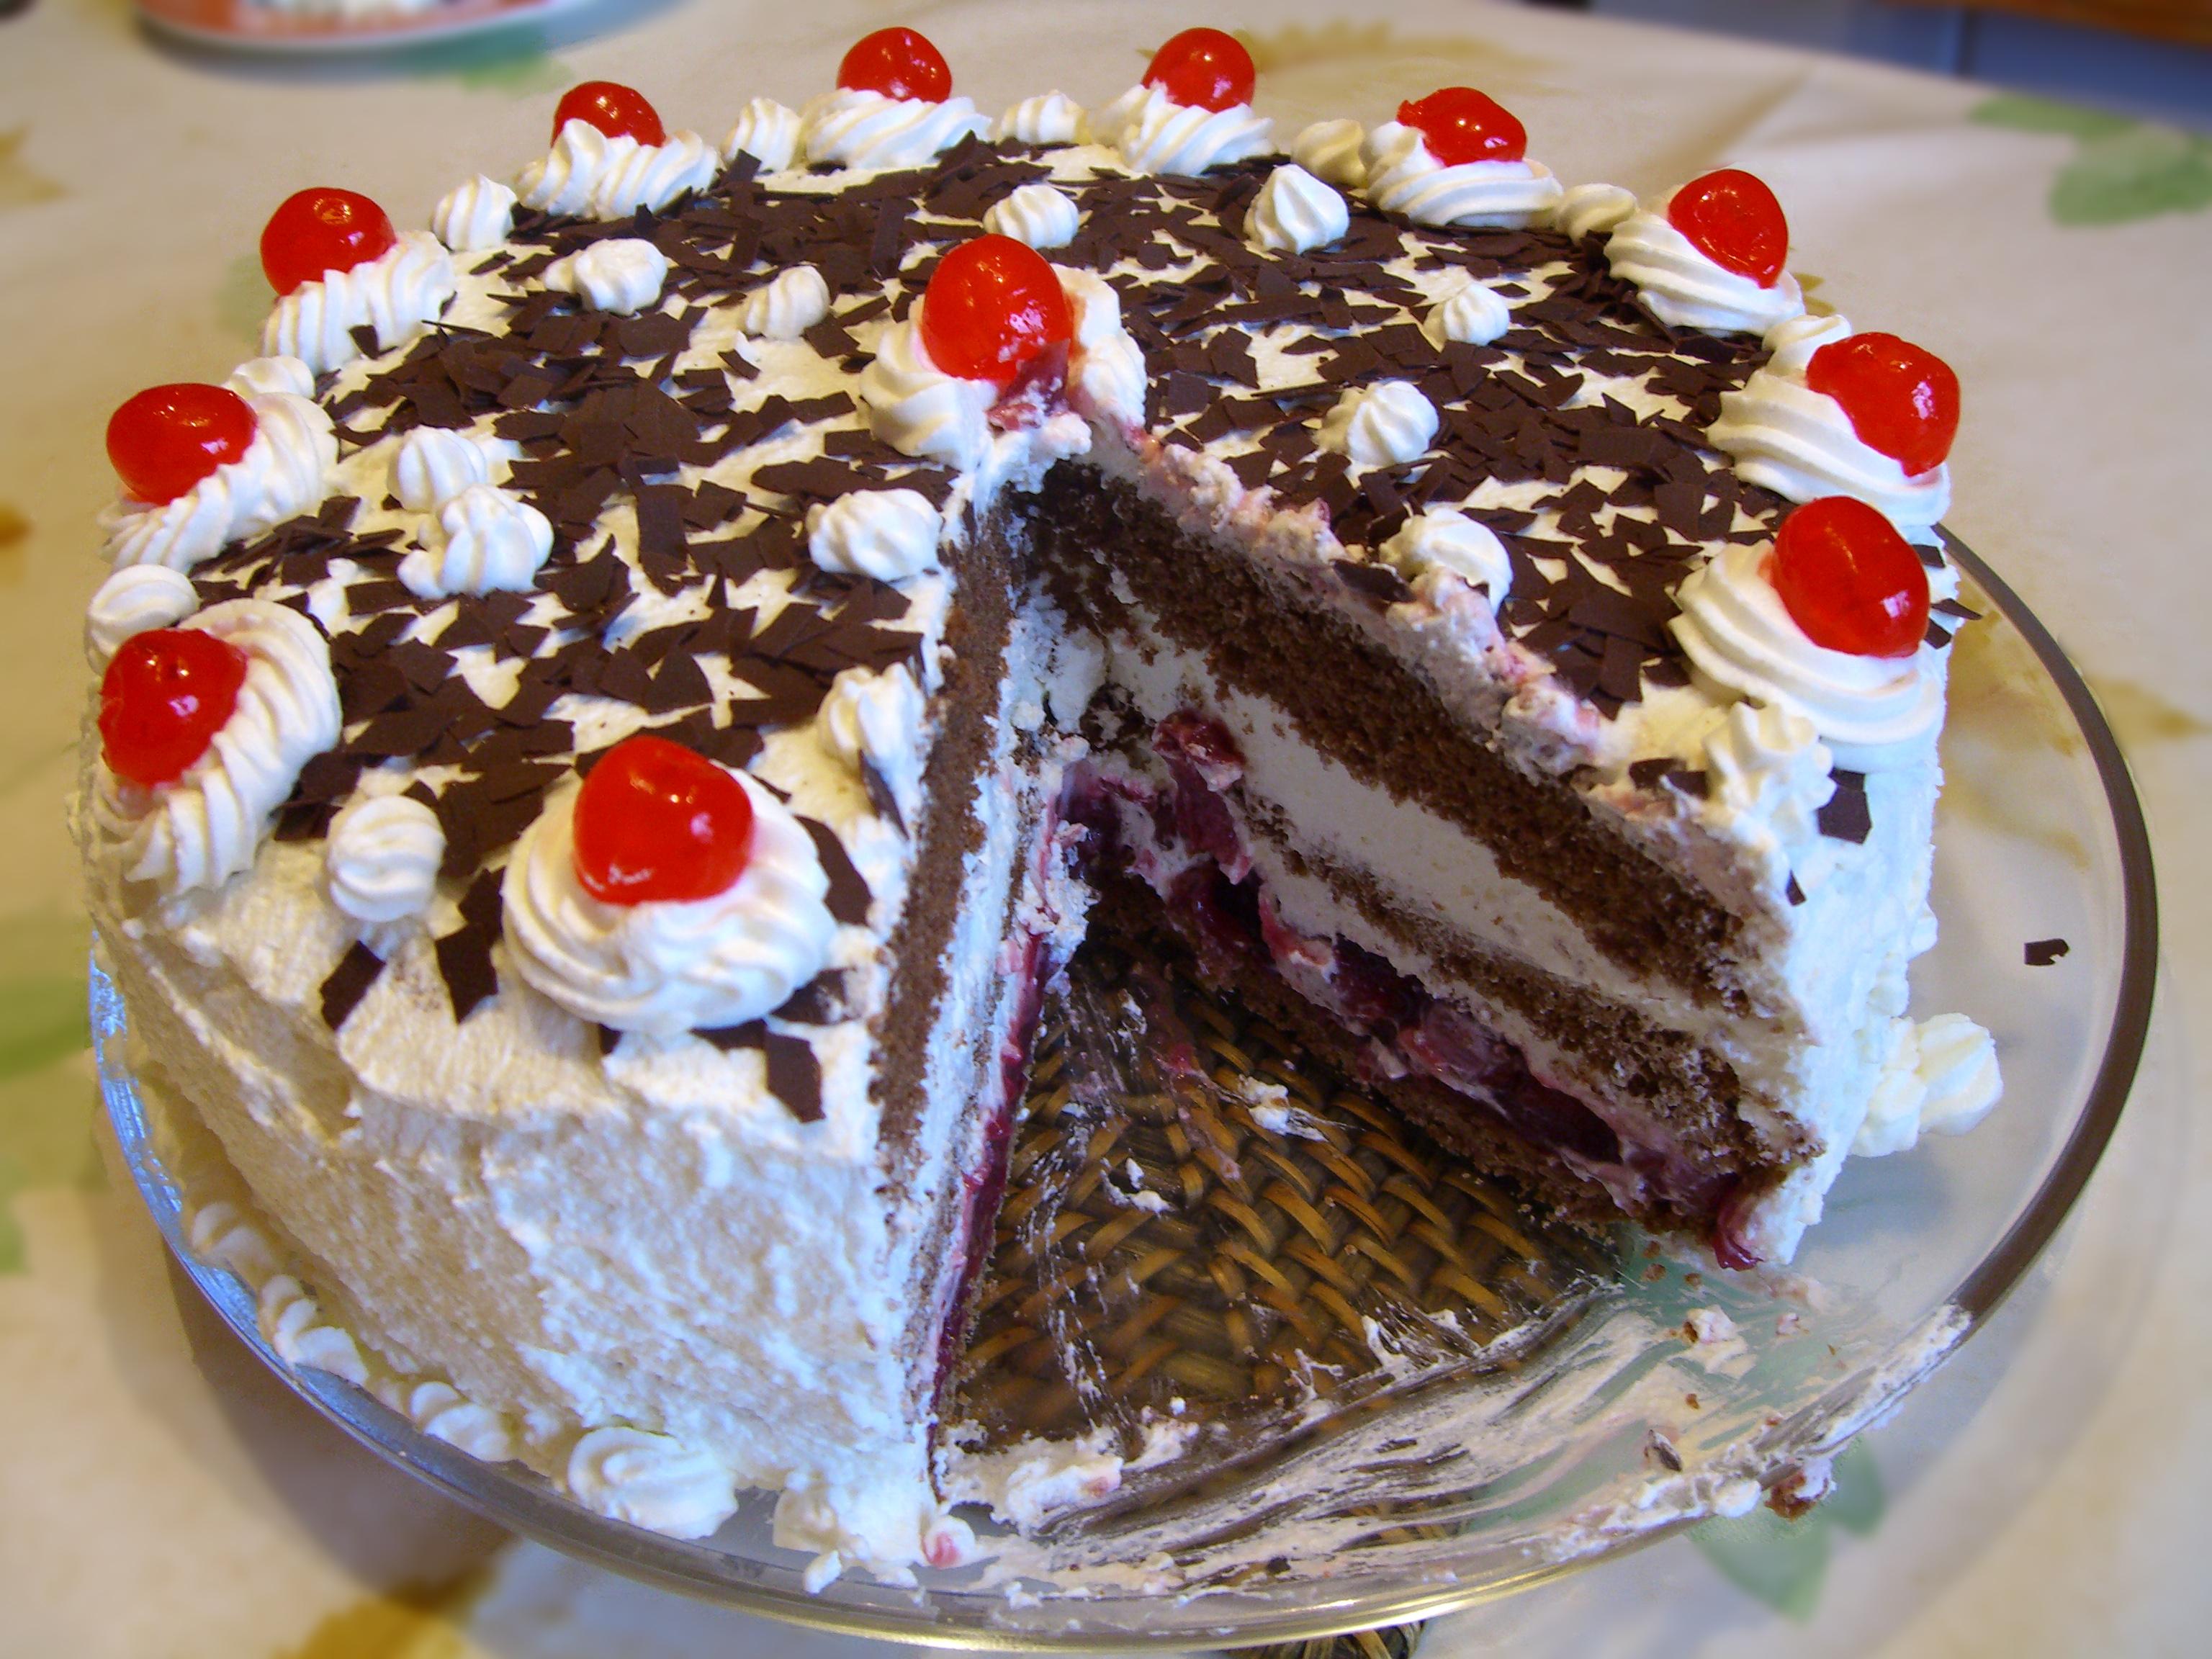 """اربد : إصابة (4) فتيات بحالات تلبك معوي نتيجة تناول كعكة """"الجاتو"""""""